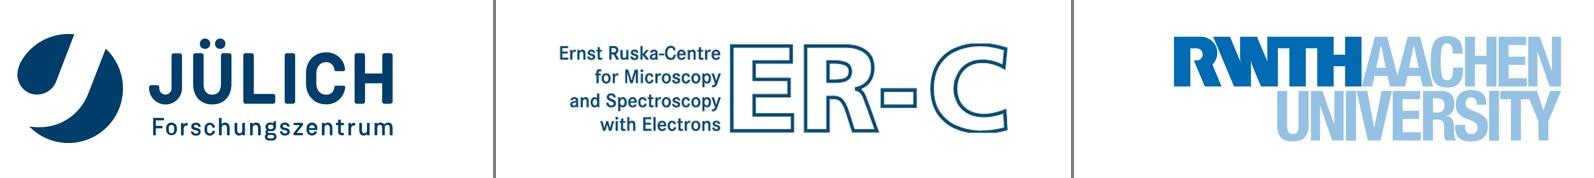 Logo for er-c